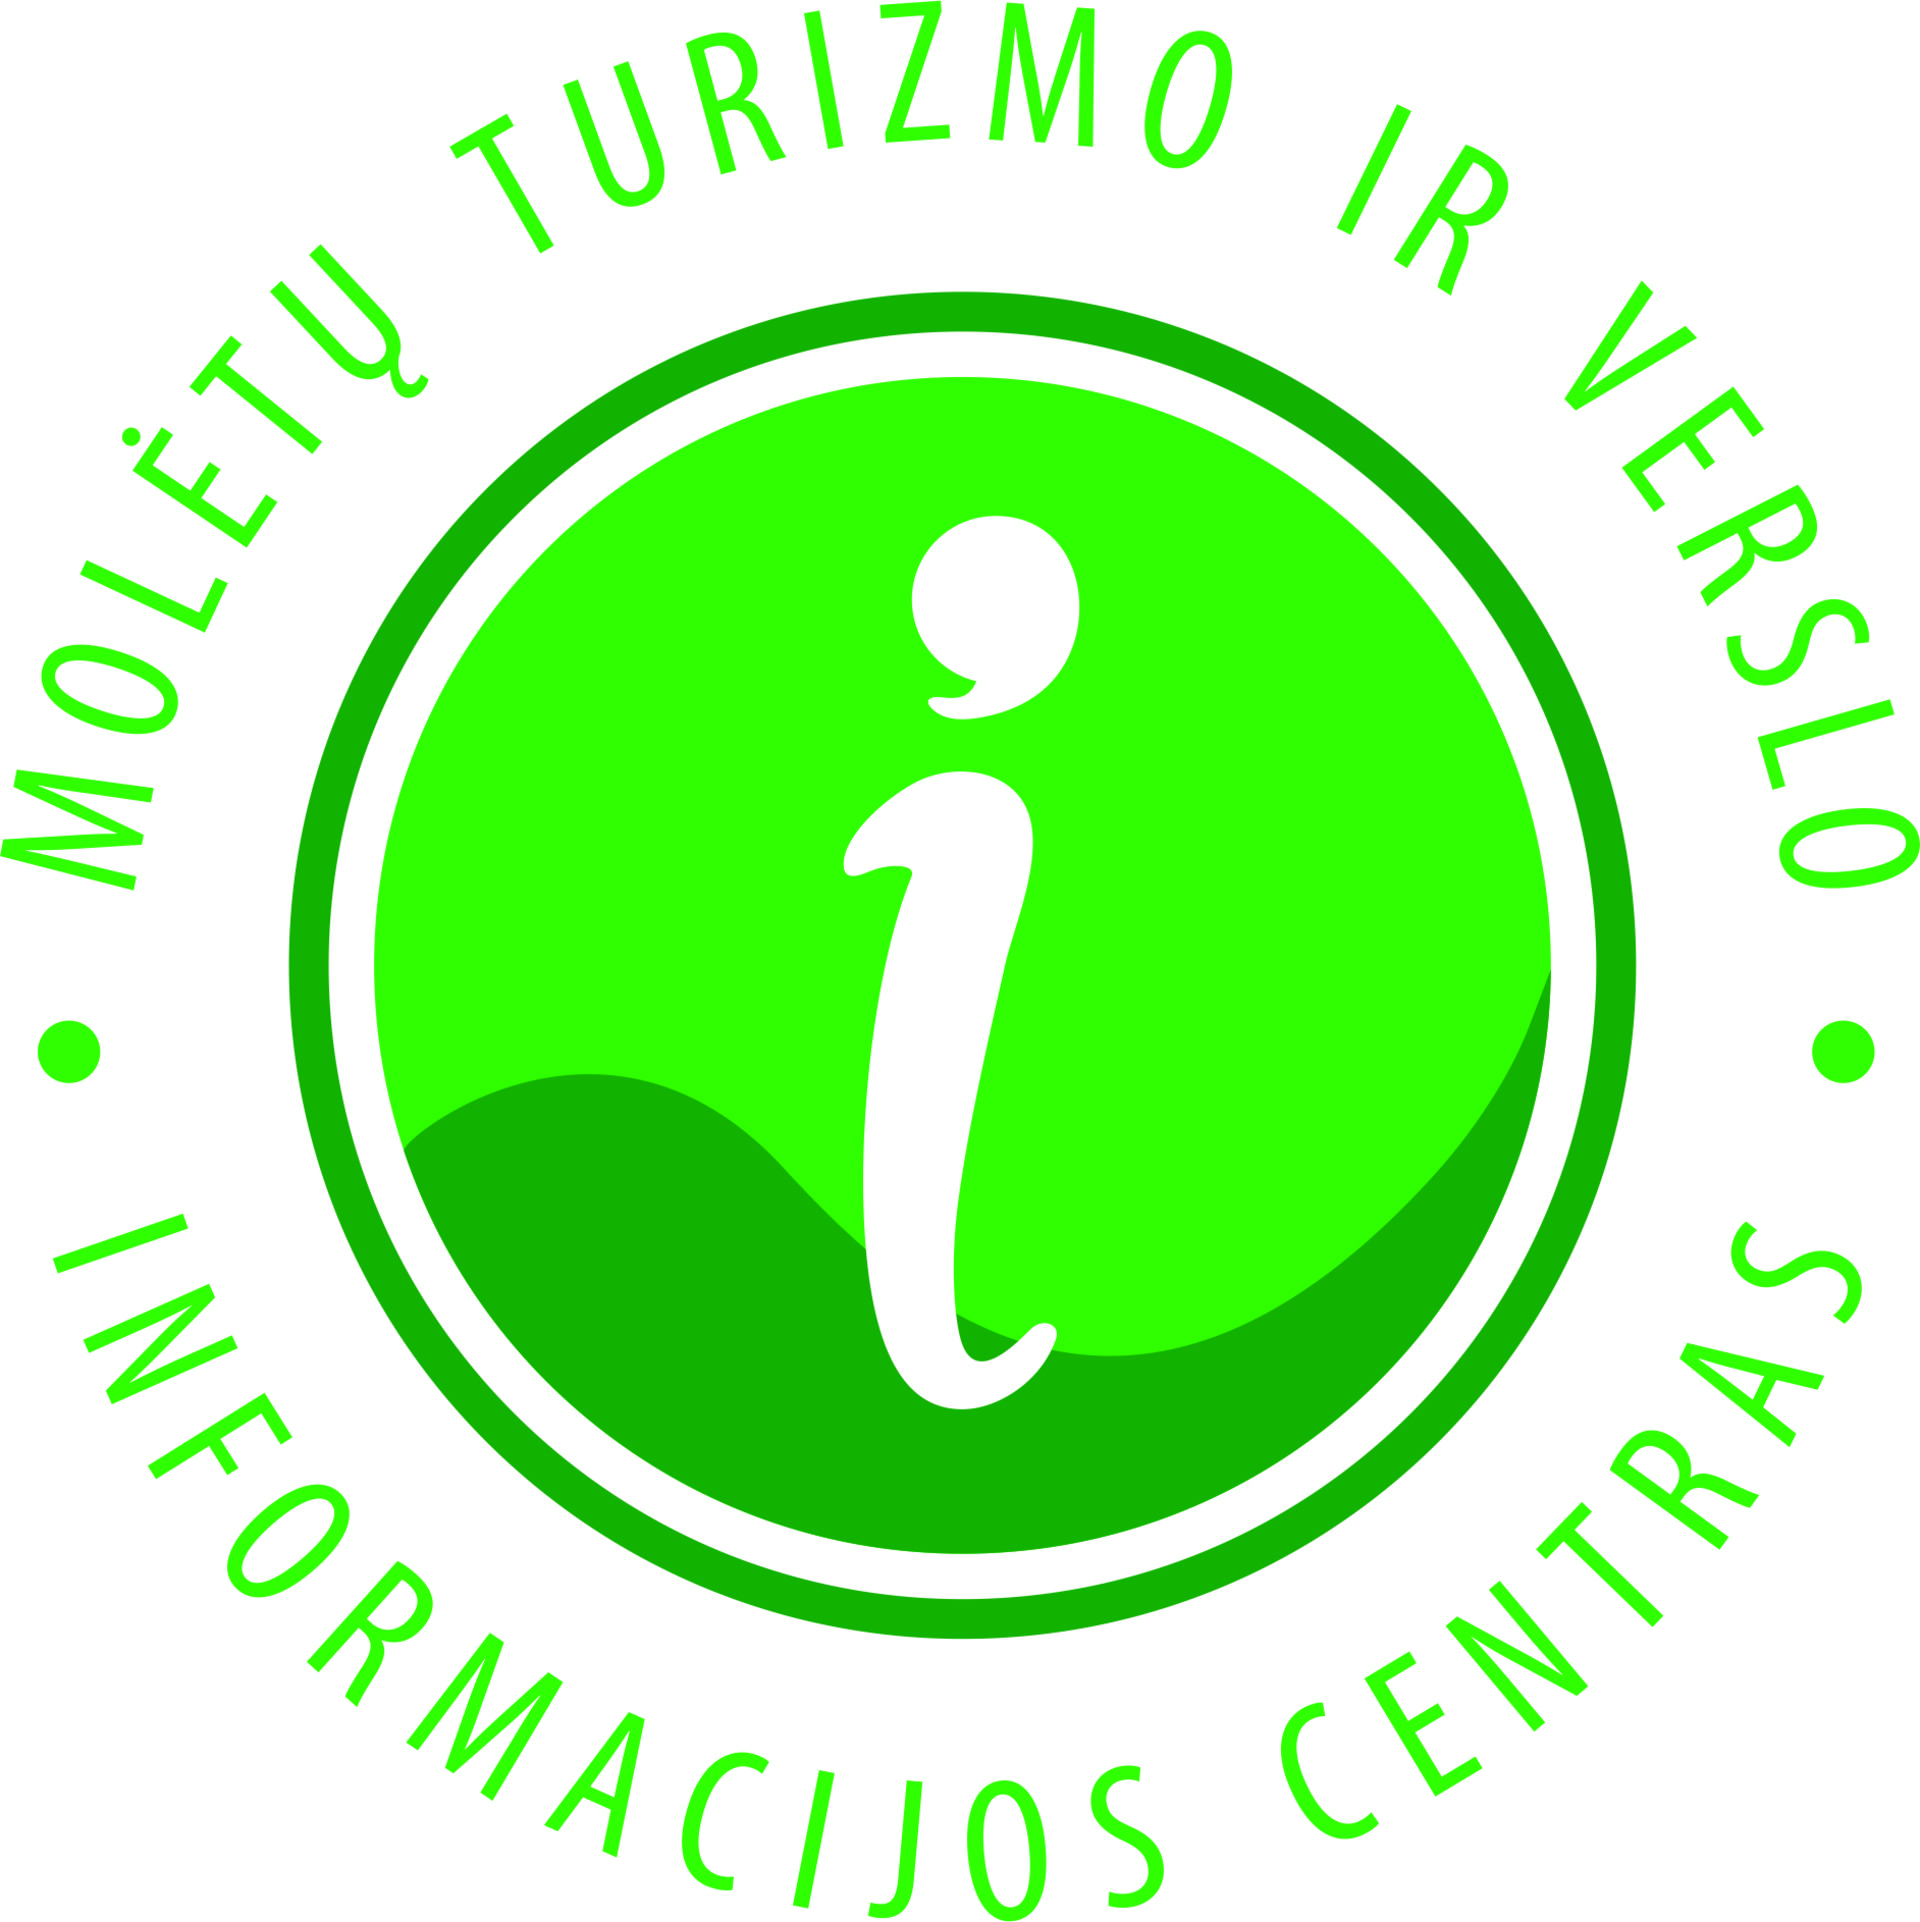 Molėtų turizmo ir verslo informacijos centro veikla kovo 16 d. - balandžio 27 d.